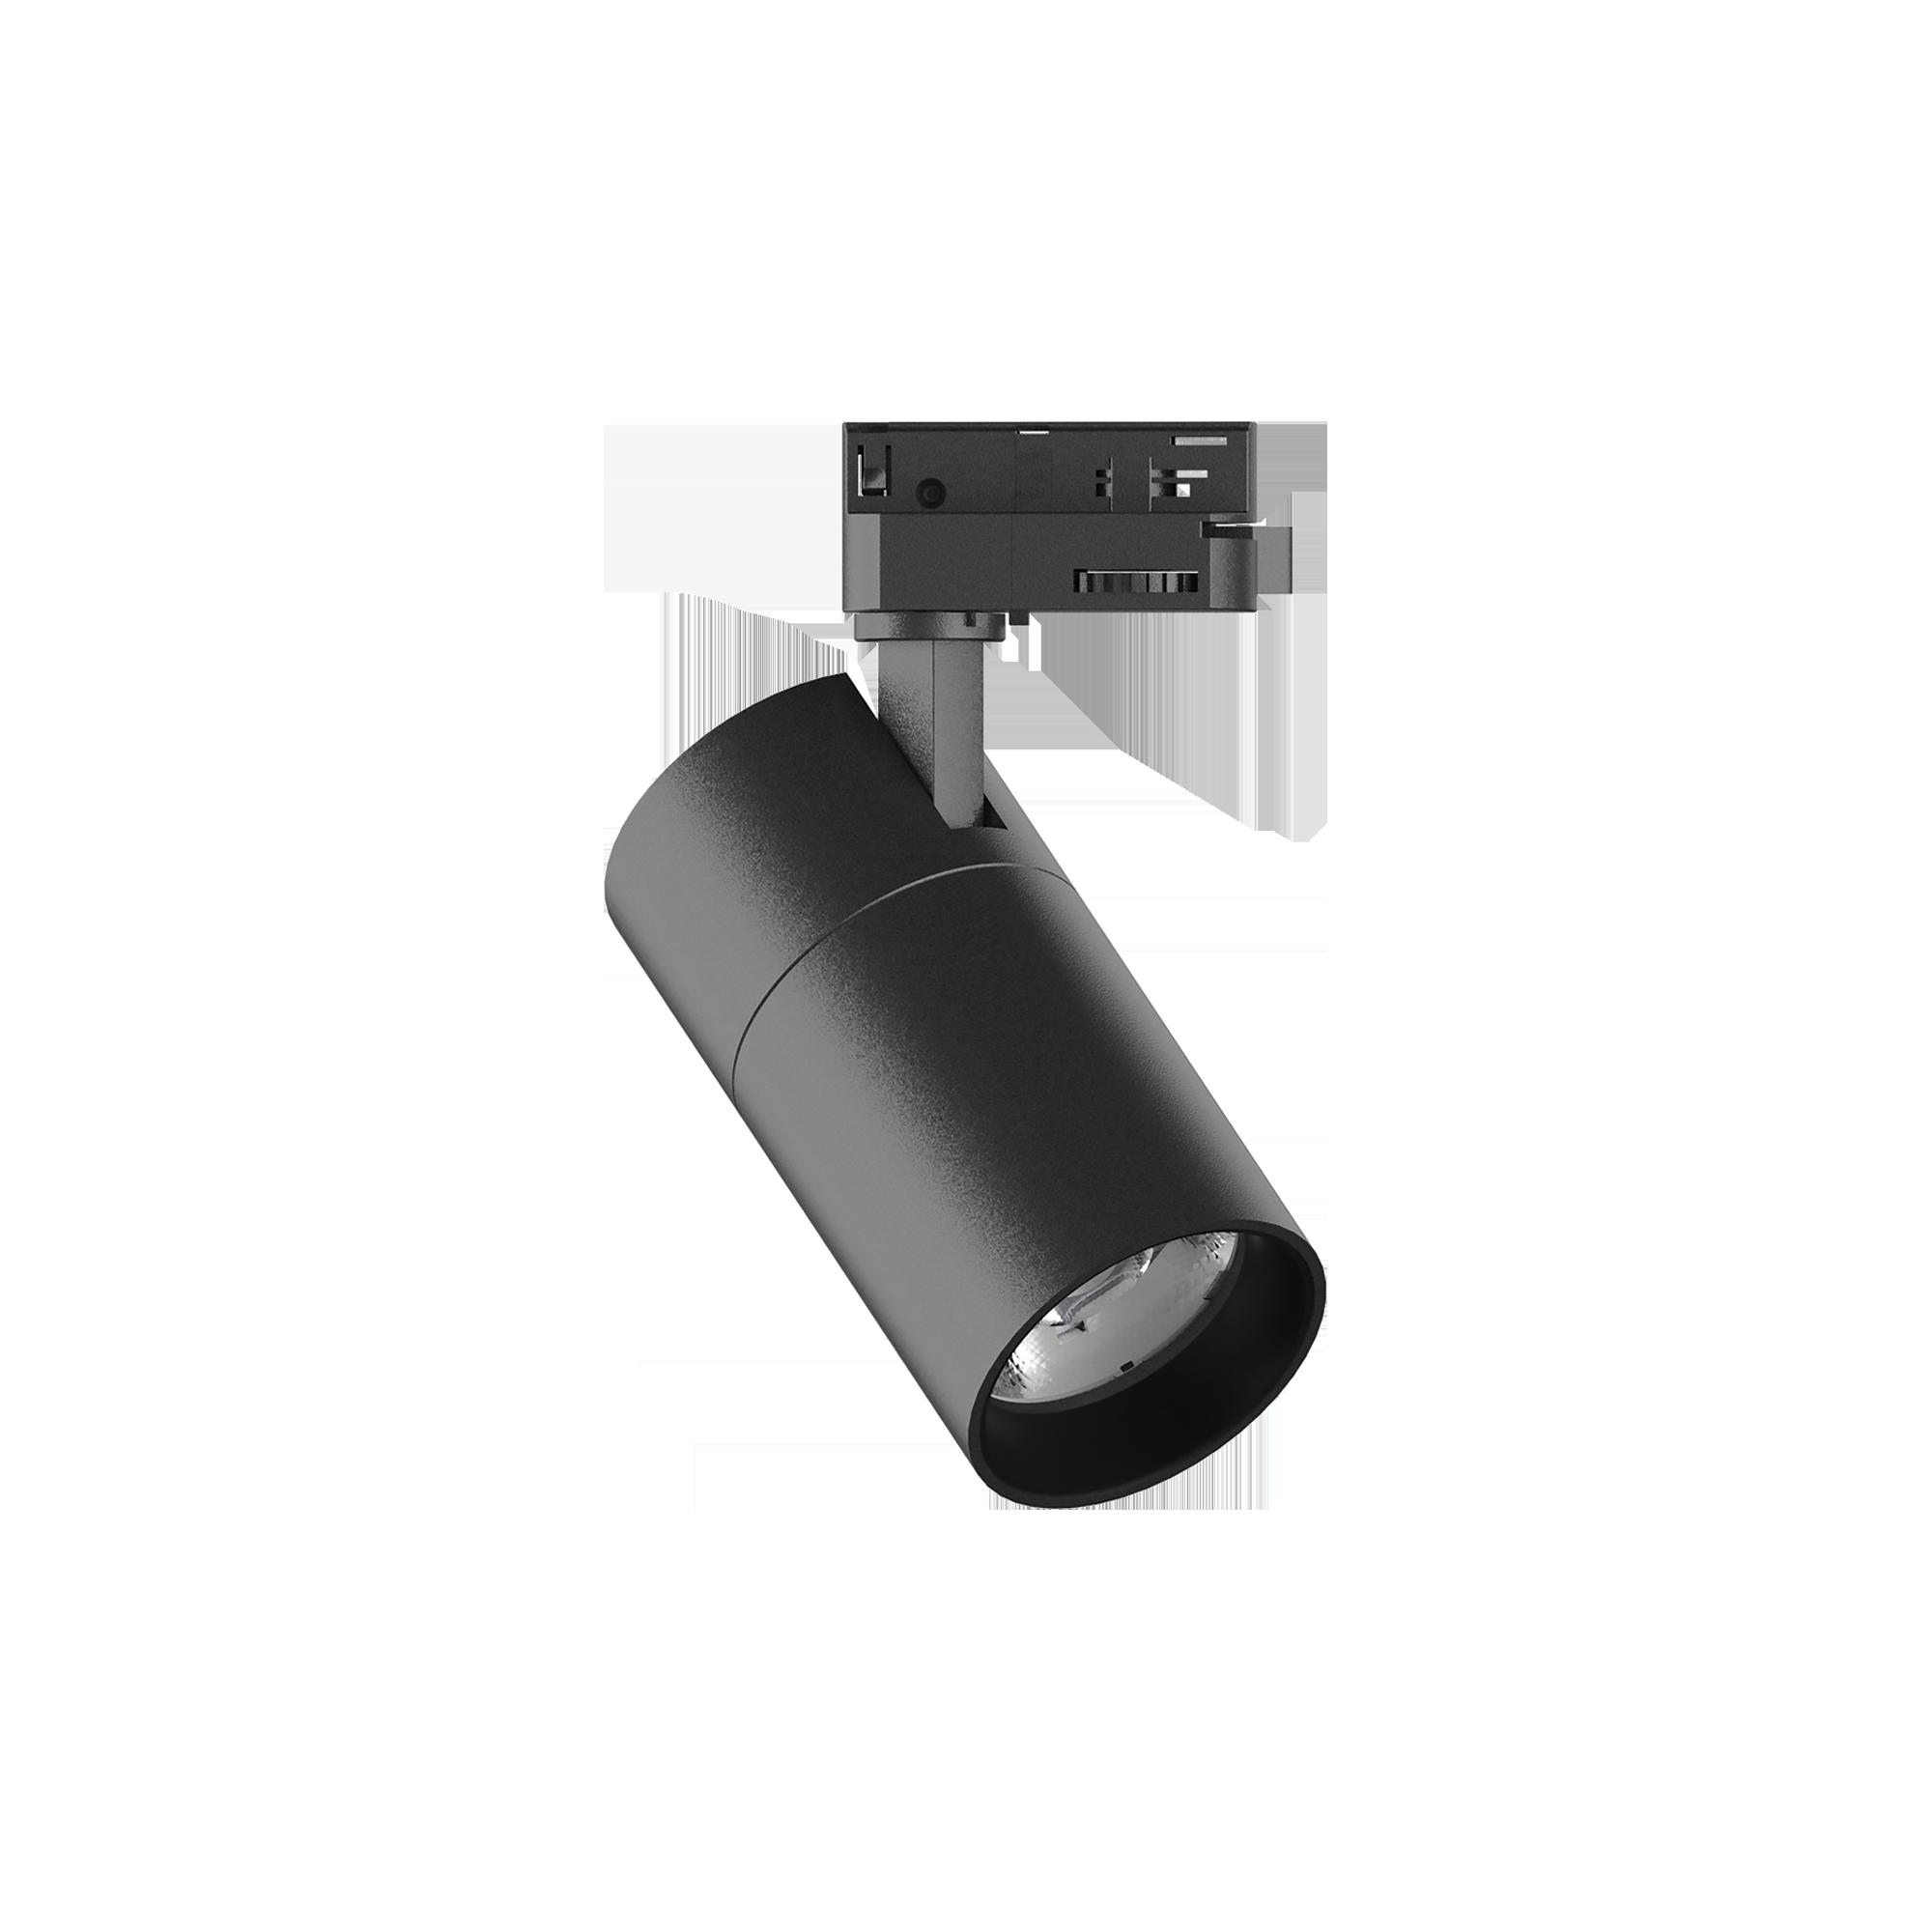 Светодиодный светильник с регулировкой направления света для шинной системы Ideal Lux QUICK 15W CRI80 30° 4000K BK ON-OFF 222547 (QUICK 15W CRI80 30° 4000K BLACK), LED 15W 4000K 1800lm, черный, металл - фото 1